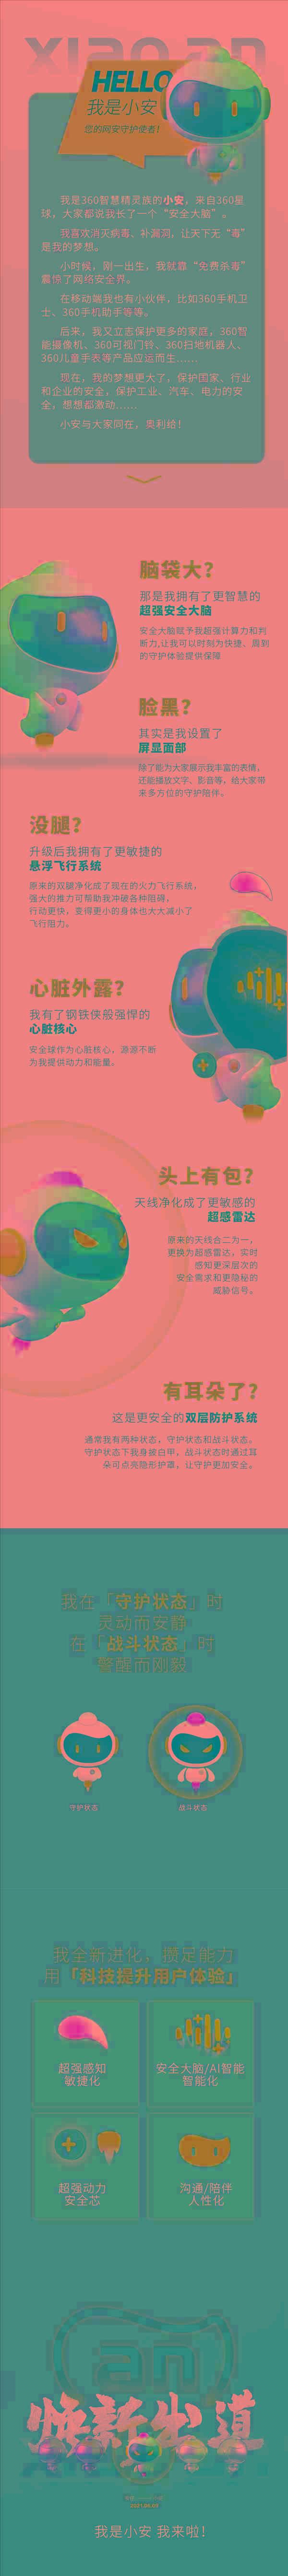 """360发布全新IP形象 :网安使者""""小安""""上线"""